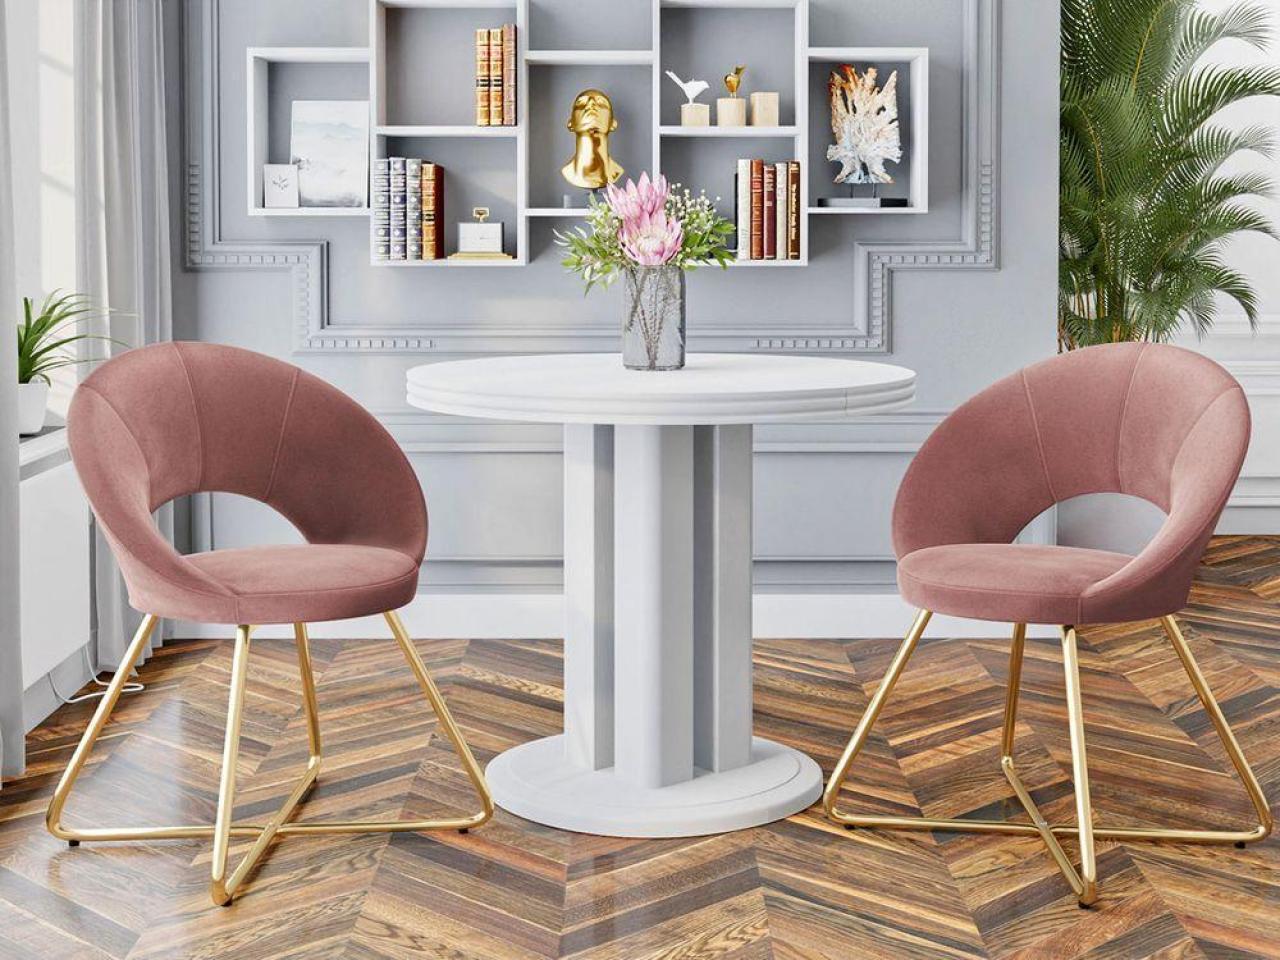 Furnipol-Мебель для дома - 3